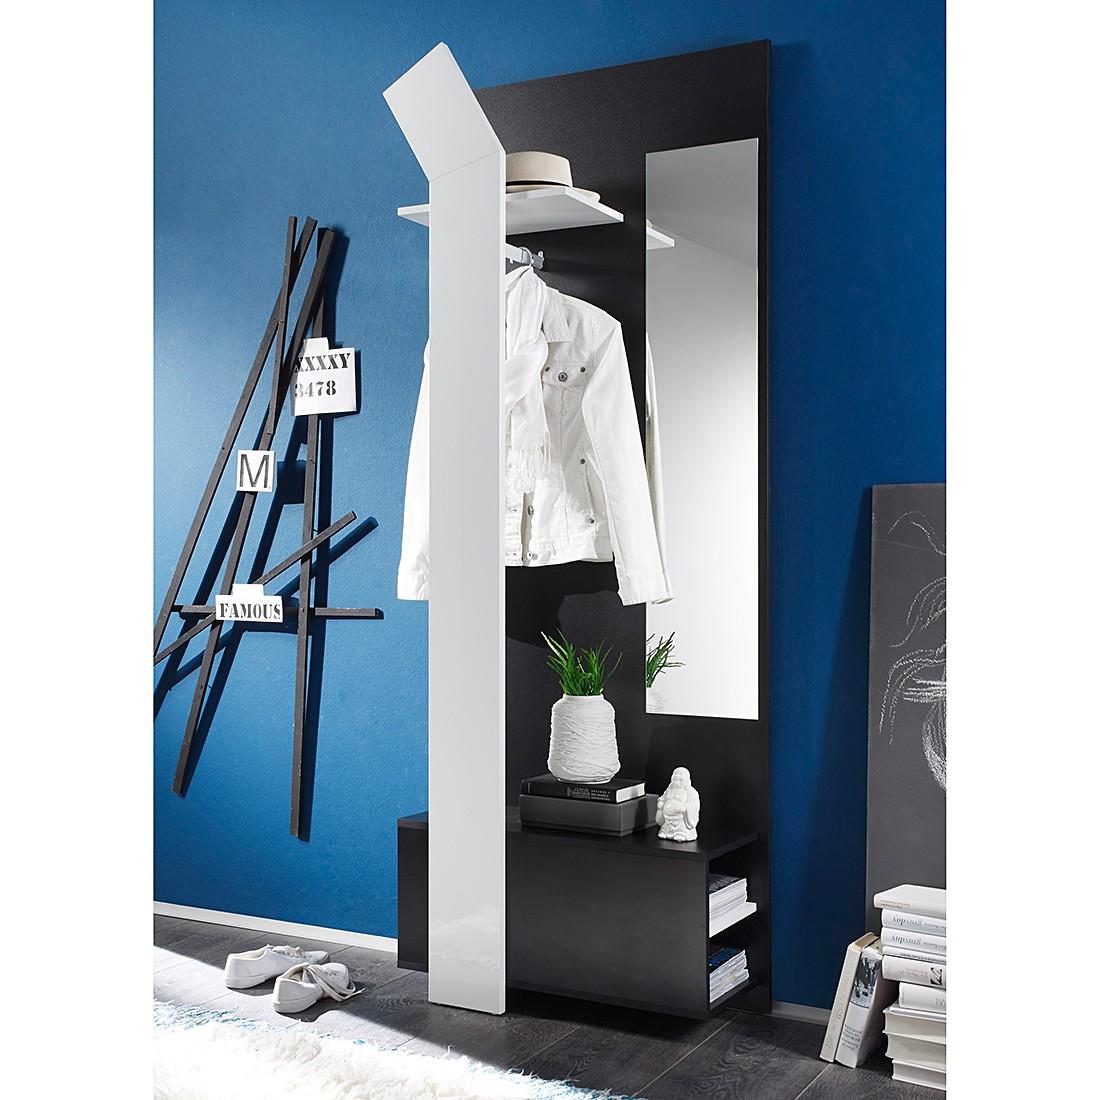 Garderobenkombination Filipe – Schwarz / Hochglanz Weiß, loftscape jetzt kaufen